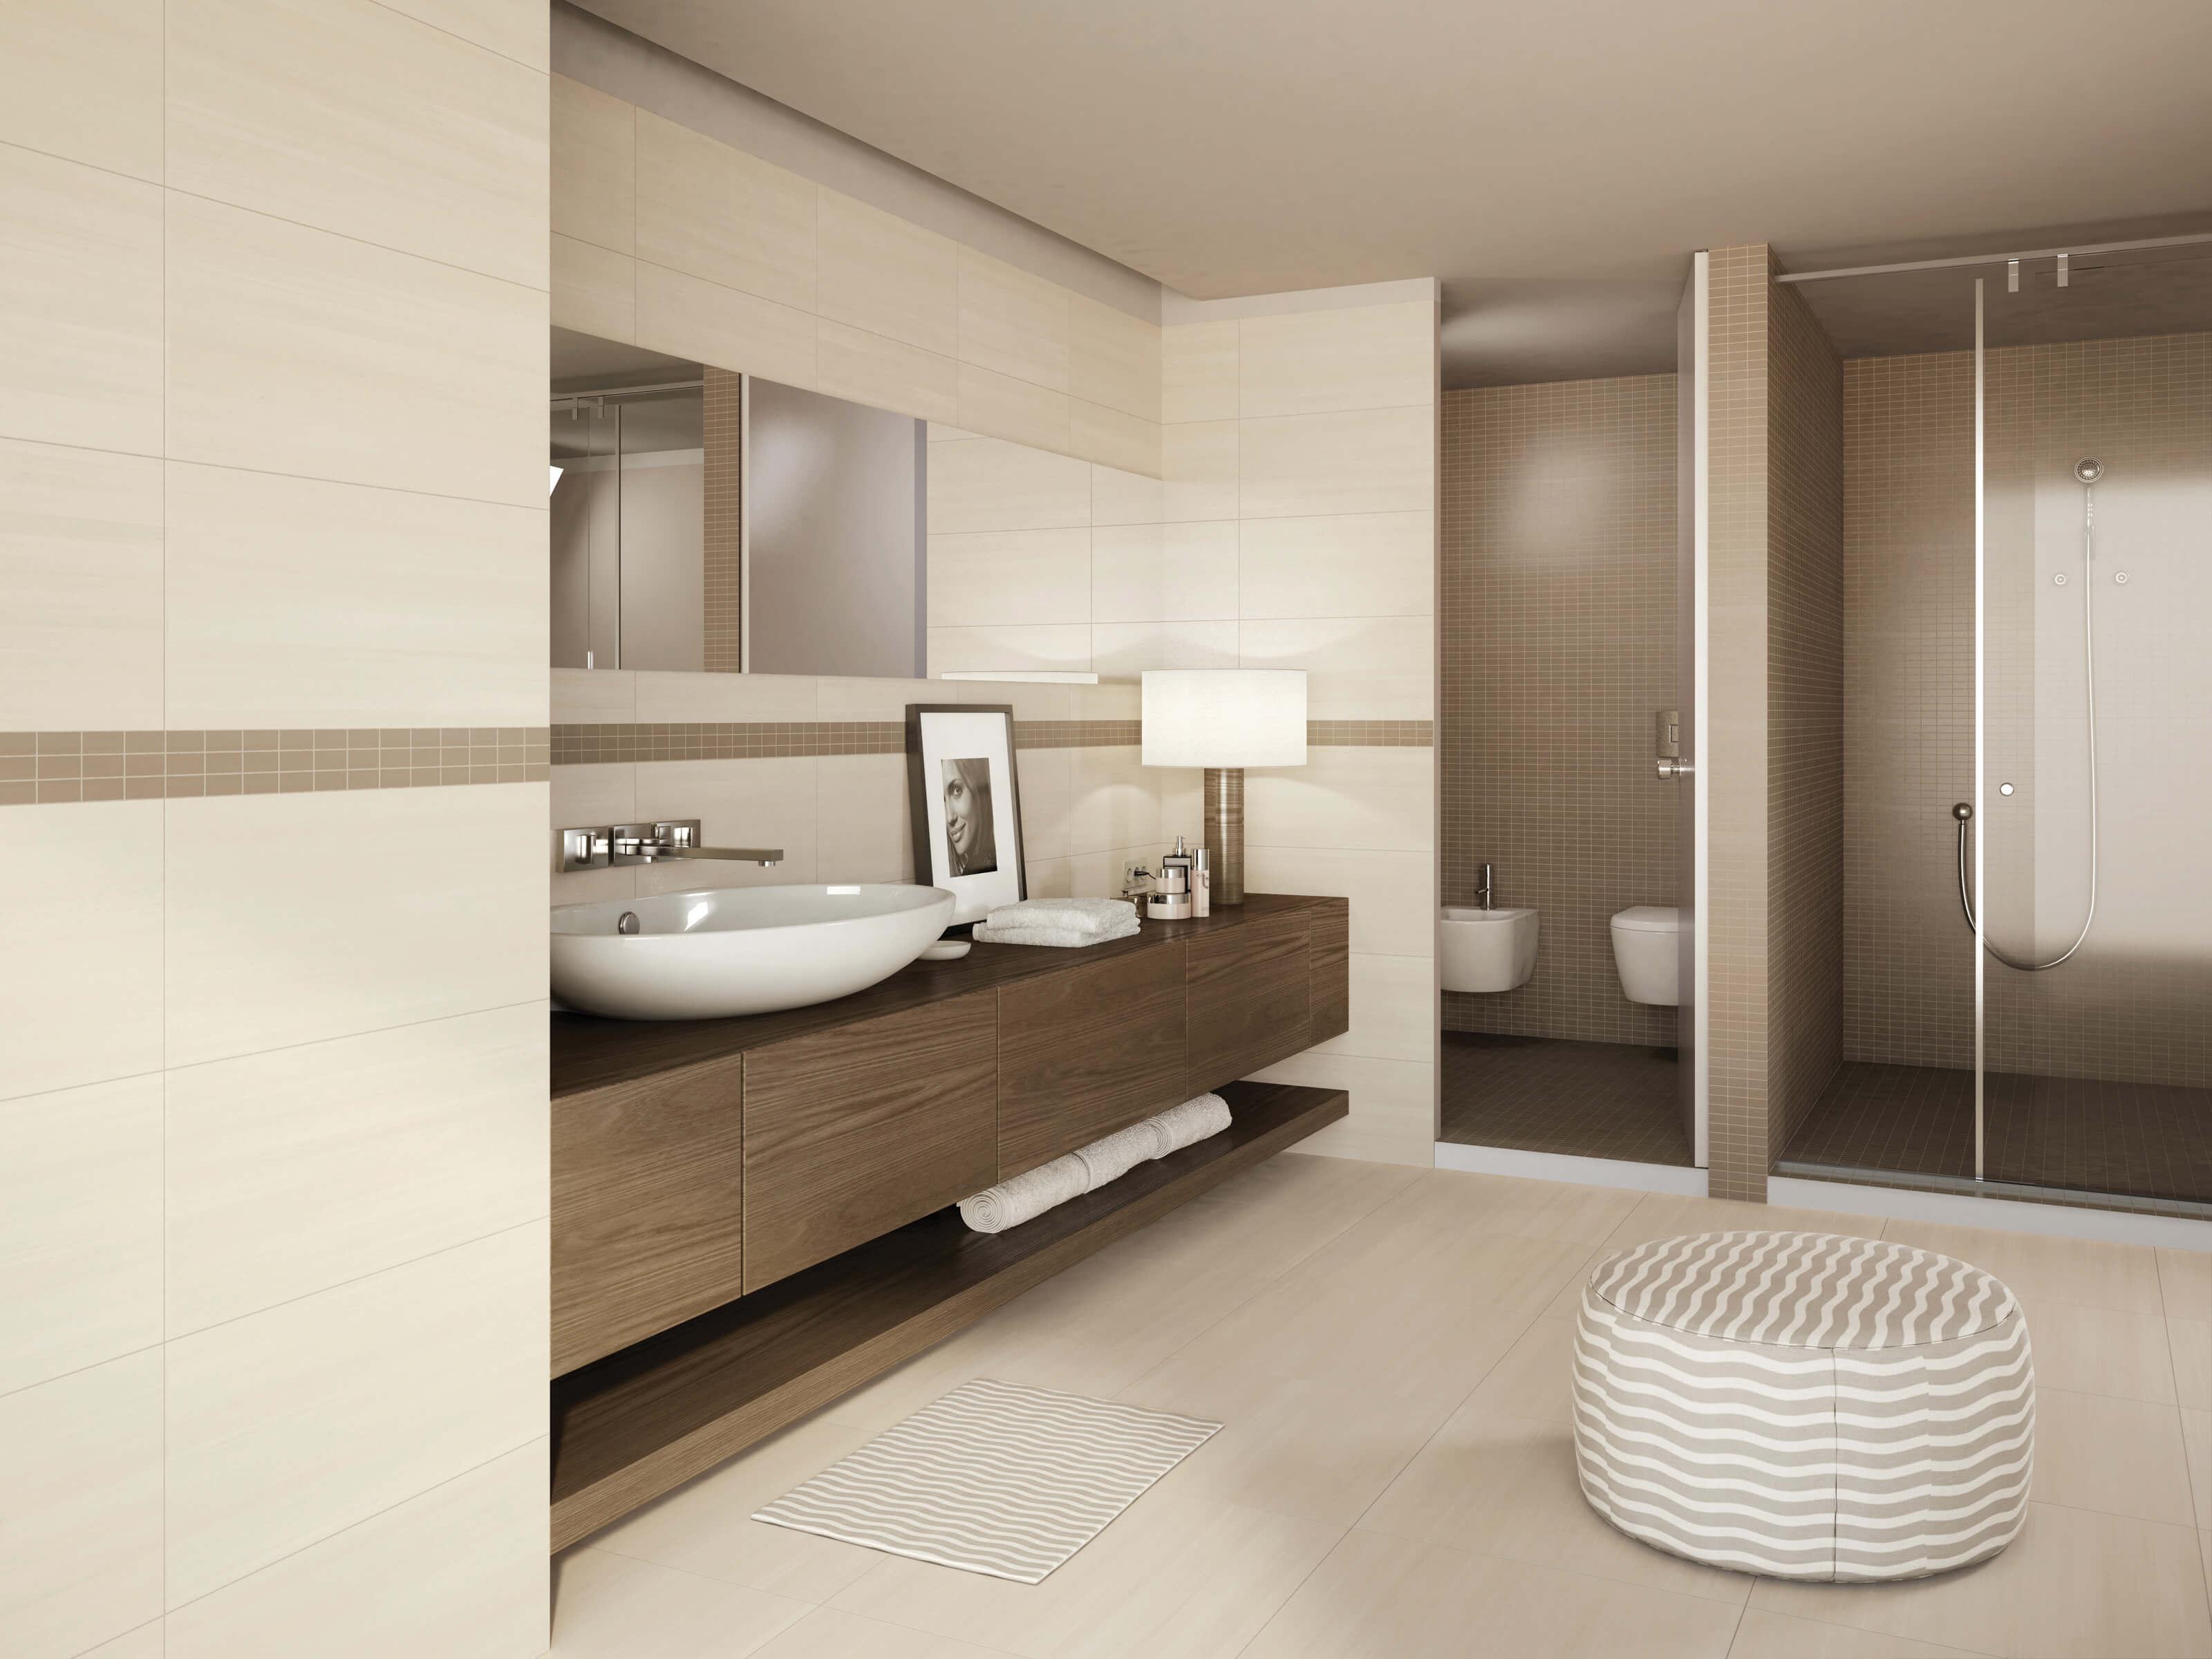 Salle De Bain Motif tendances de salle de bains - cuisines verdun